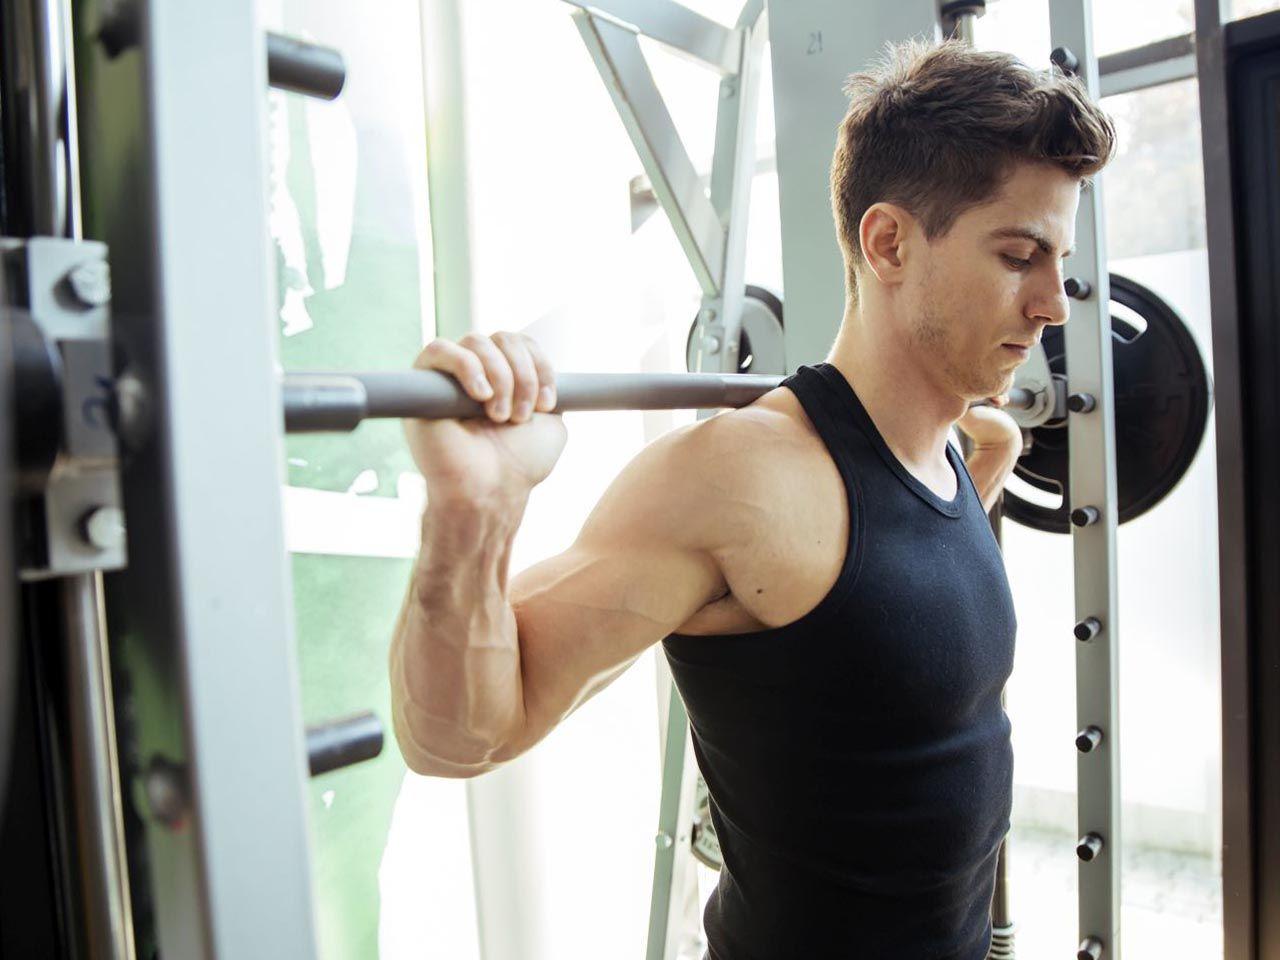 ed513c5020407e Poniżej zamieściliśmy trzy plany treningowe dla początkujących, które  pozwolą ci się wdrożyć w trening siłowy.